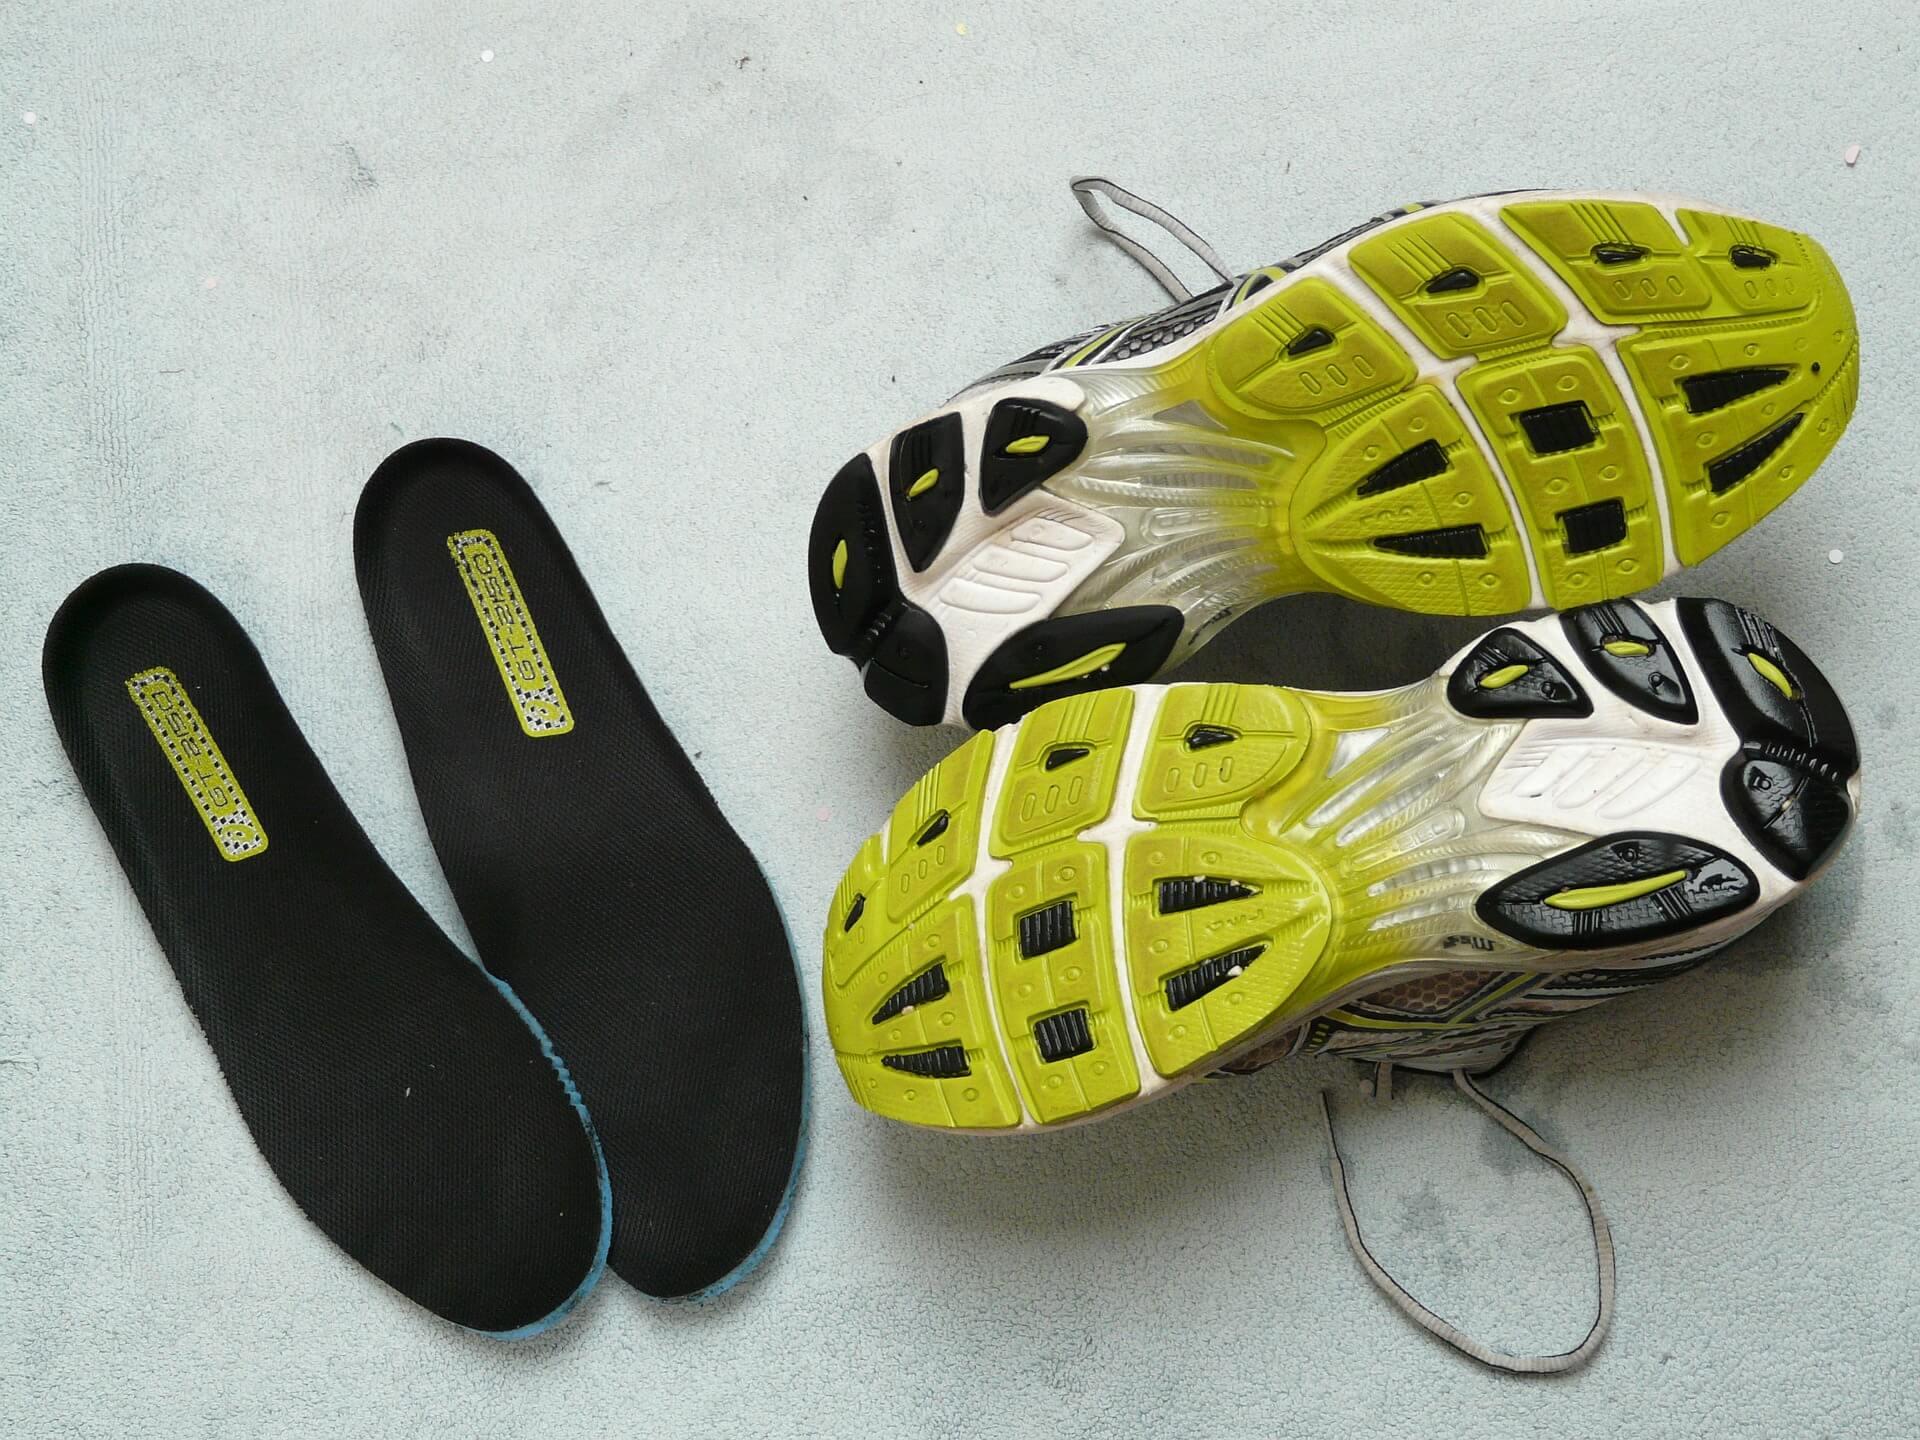 Einlagen für einen passenden Sportschuh in schwarz und gelb